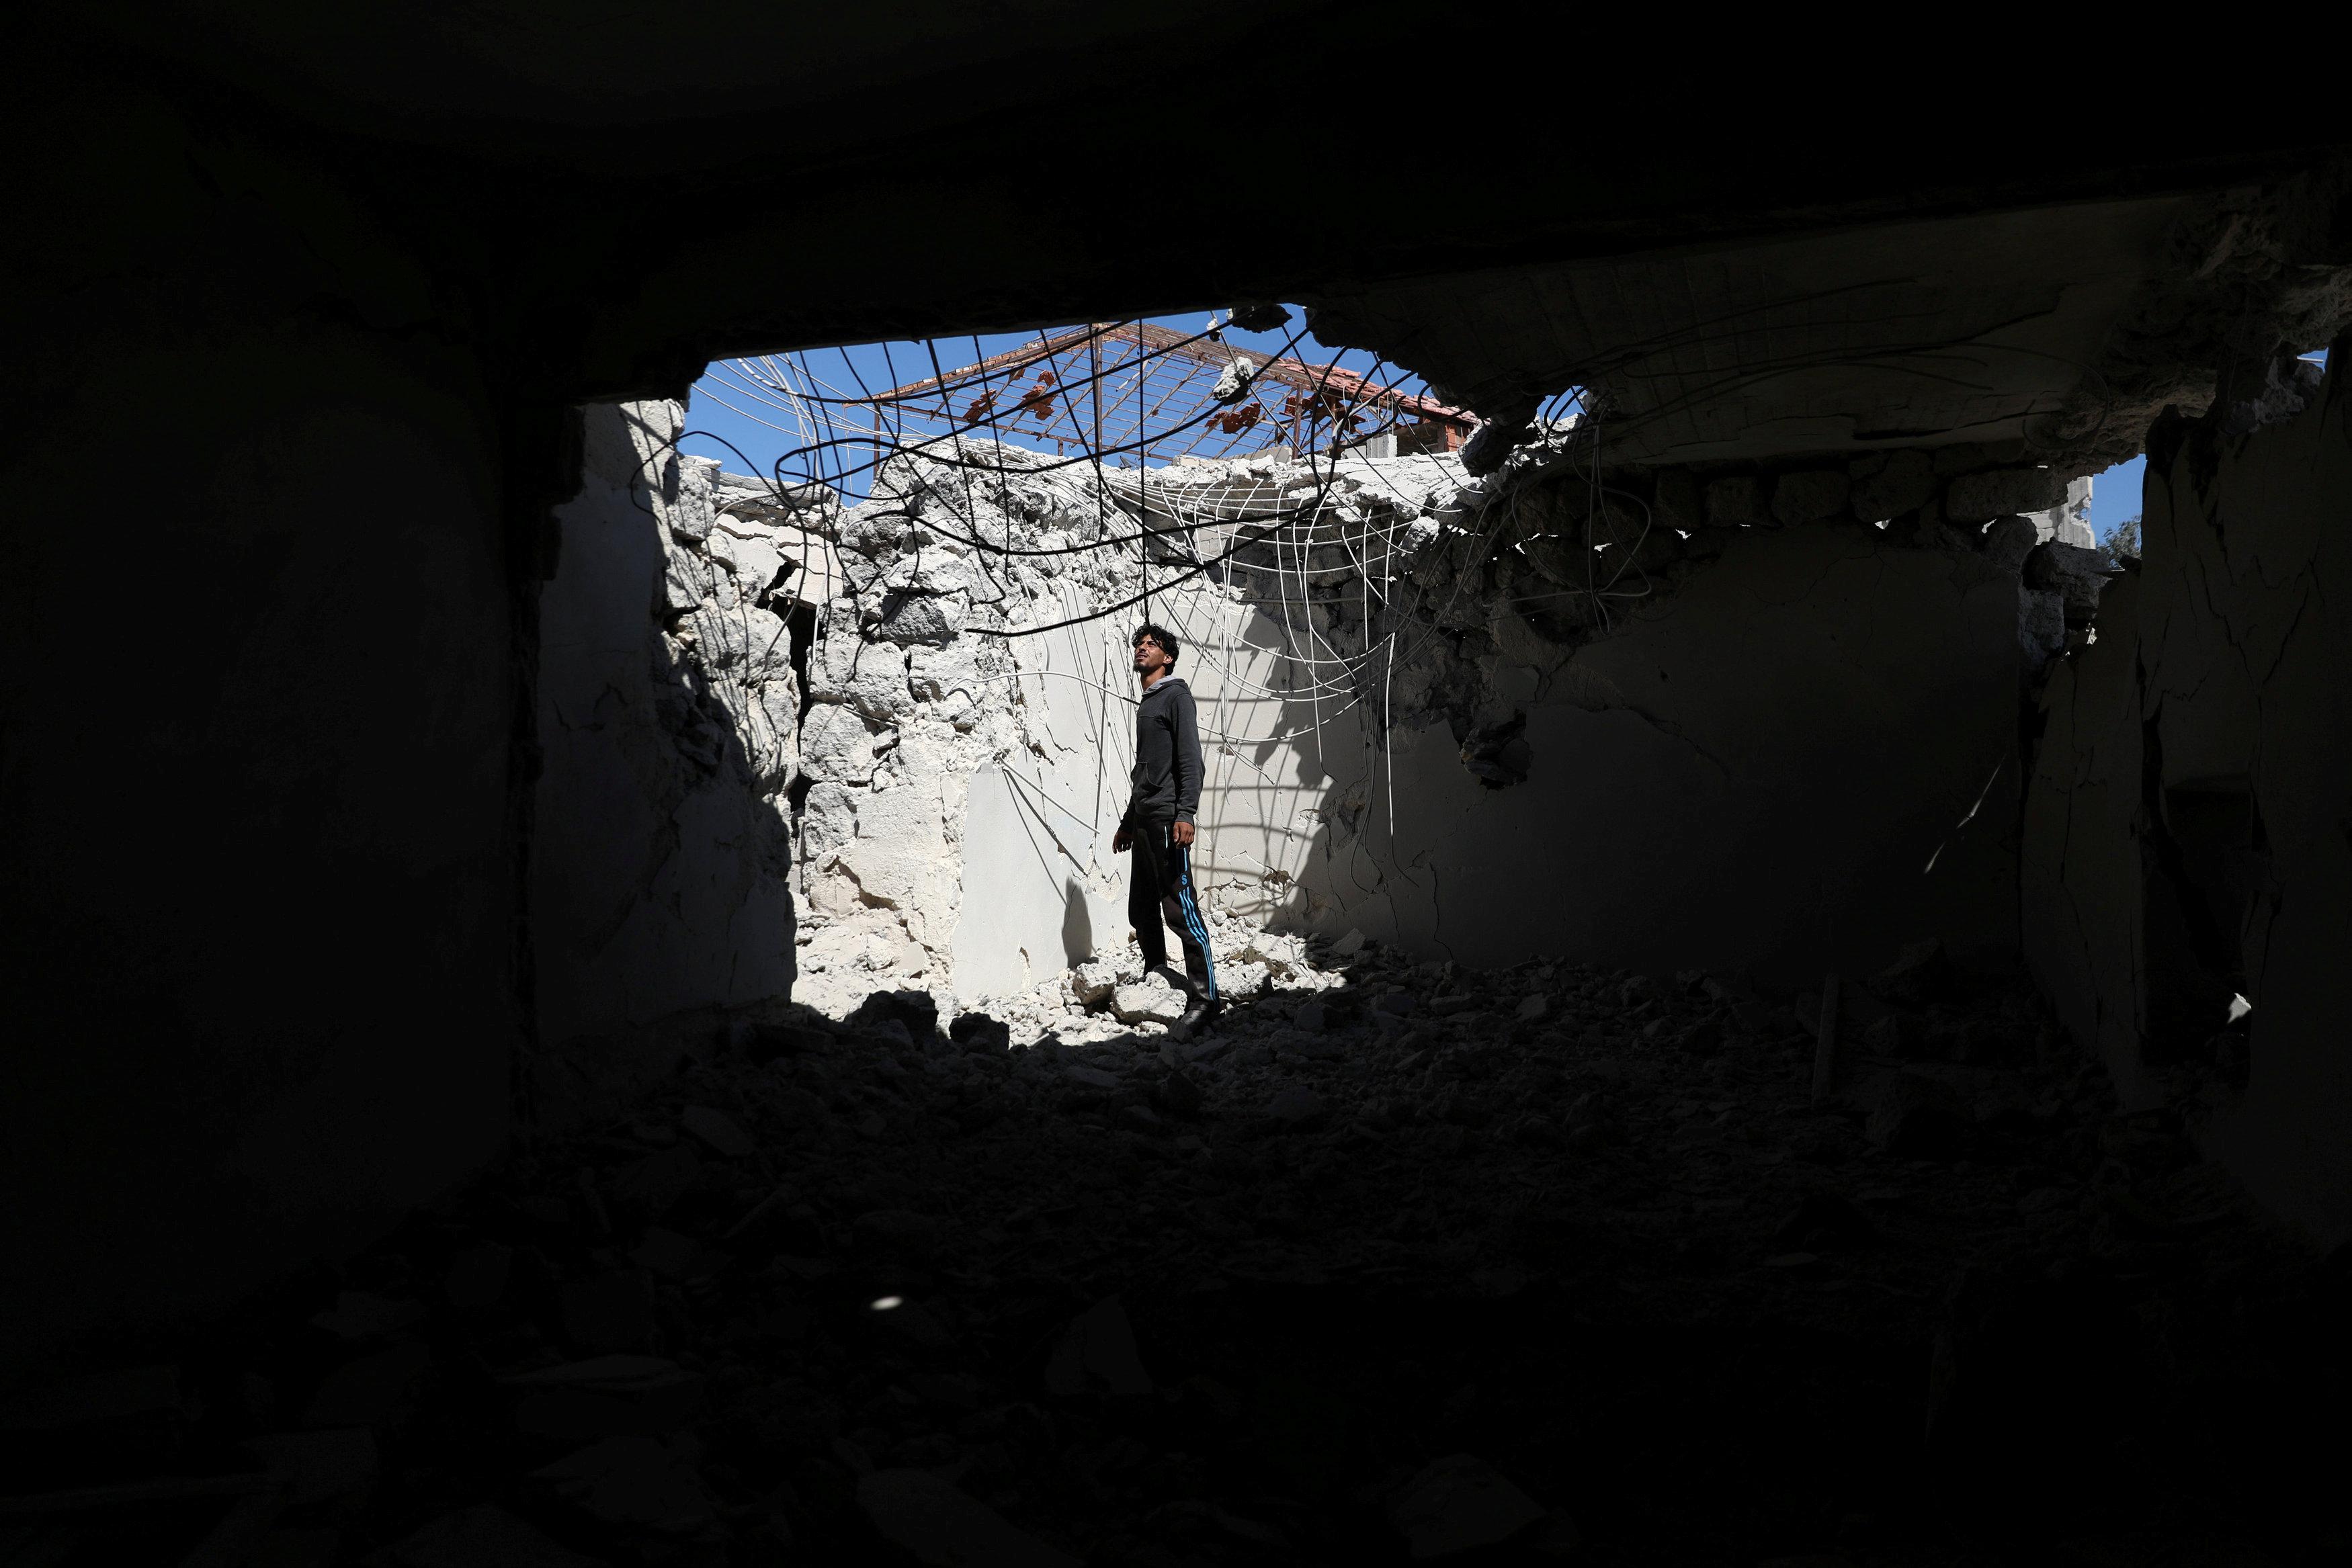 شاب يتفقد منزله المدمر في درعا